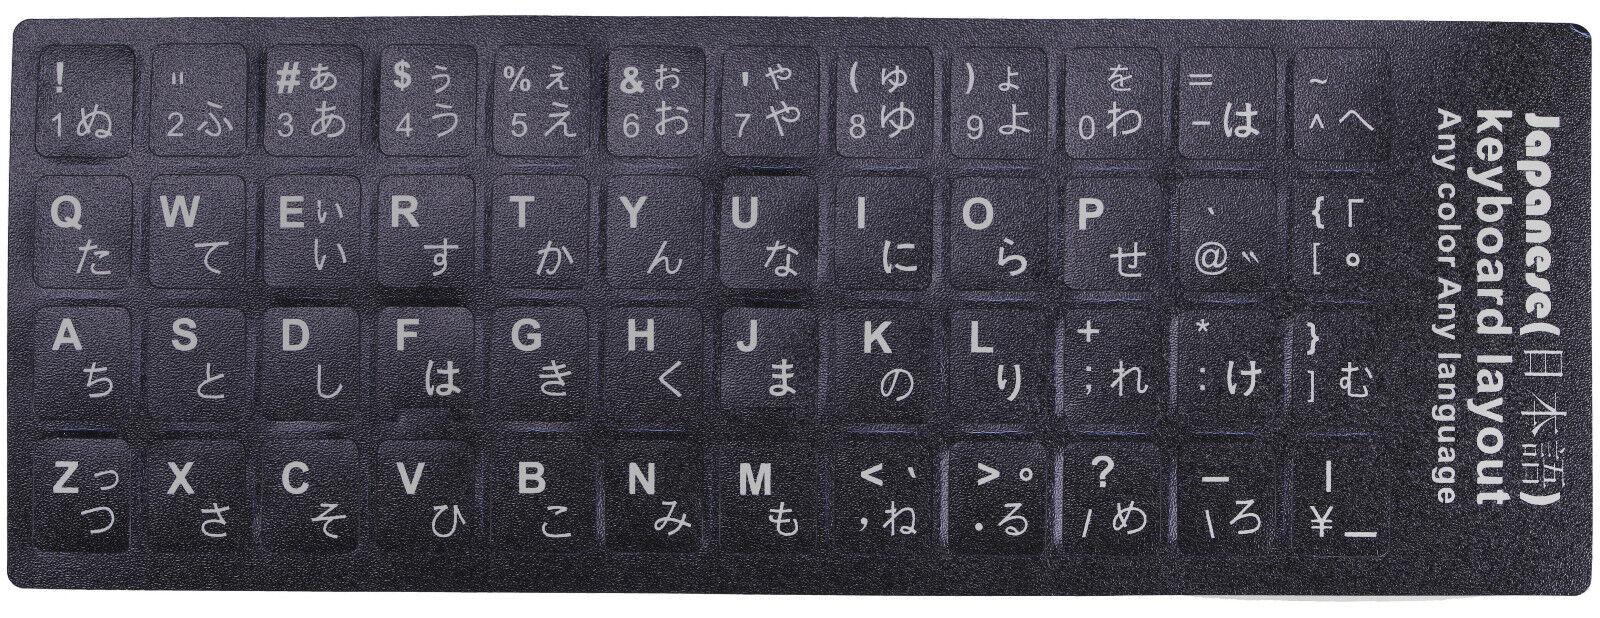 Japanische Keyboard Tastaturaufkleber Sticker Schwarz Tastatur Aufkleber JAPAN